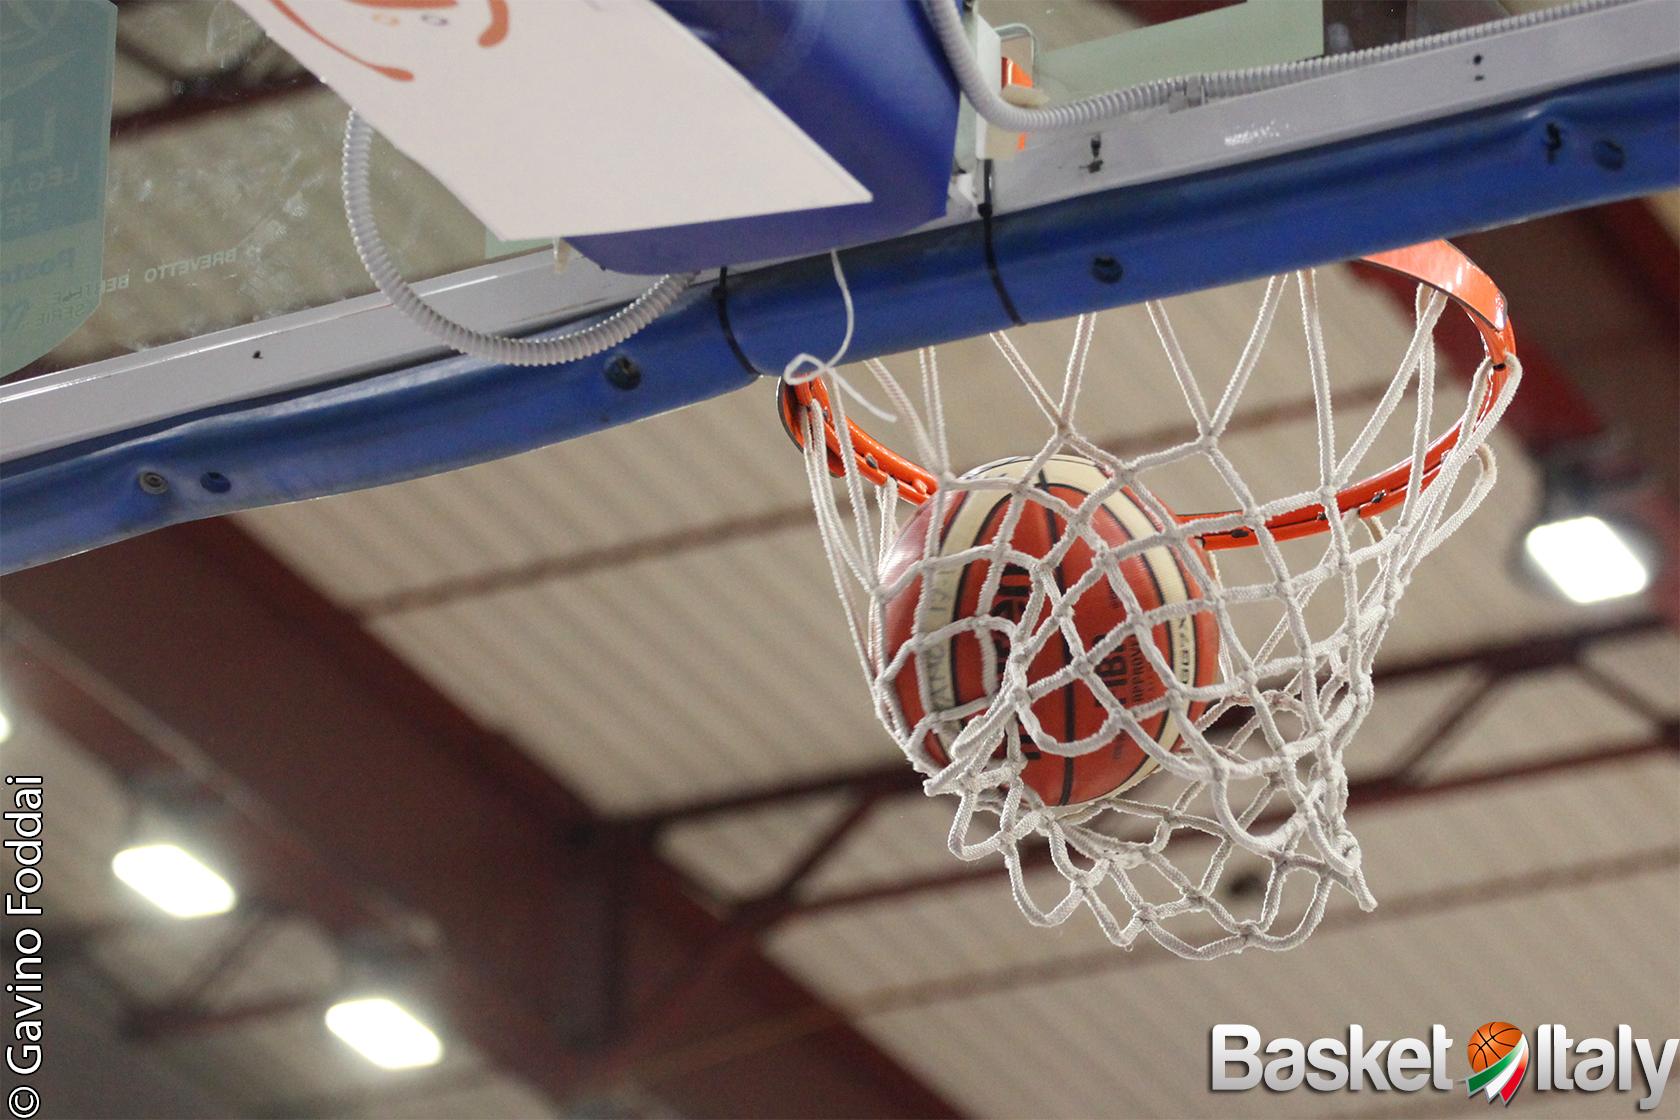 Il nuovo DPCM: stop degli sport (e basket) di livello amatoriali?